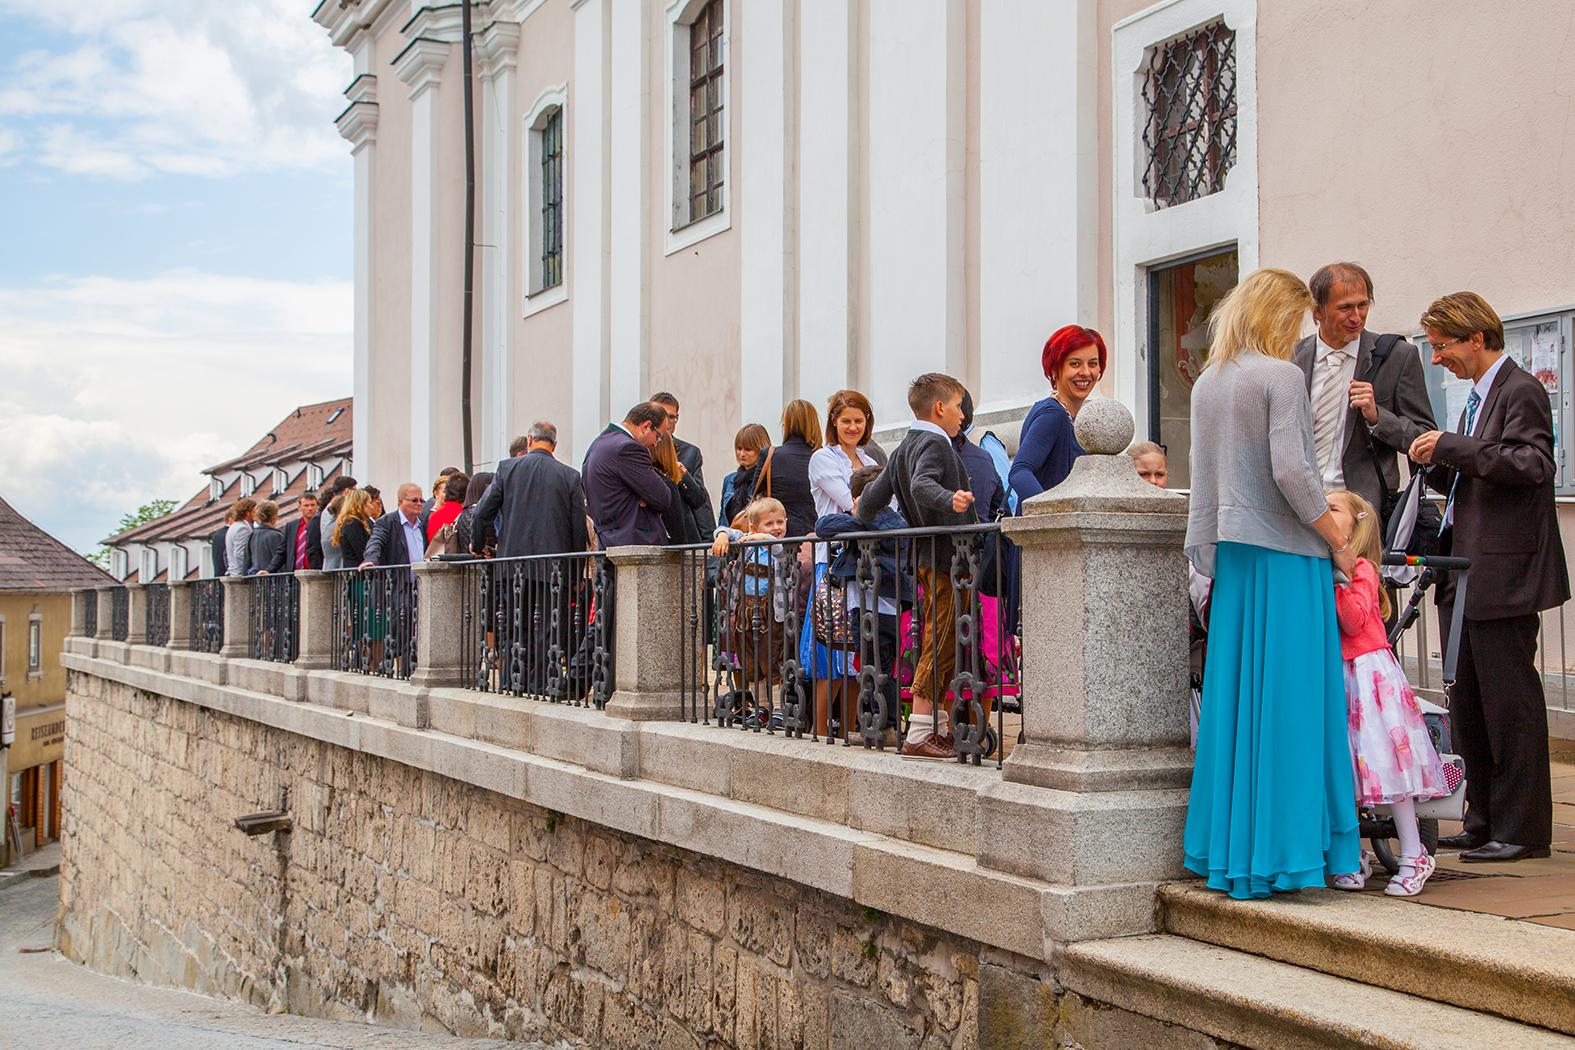 saramariawedding/hochzeit/anjarobert/hochzeitsgäste